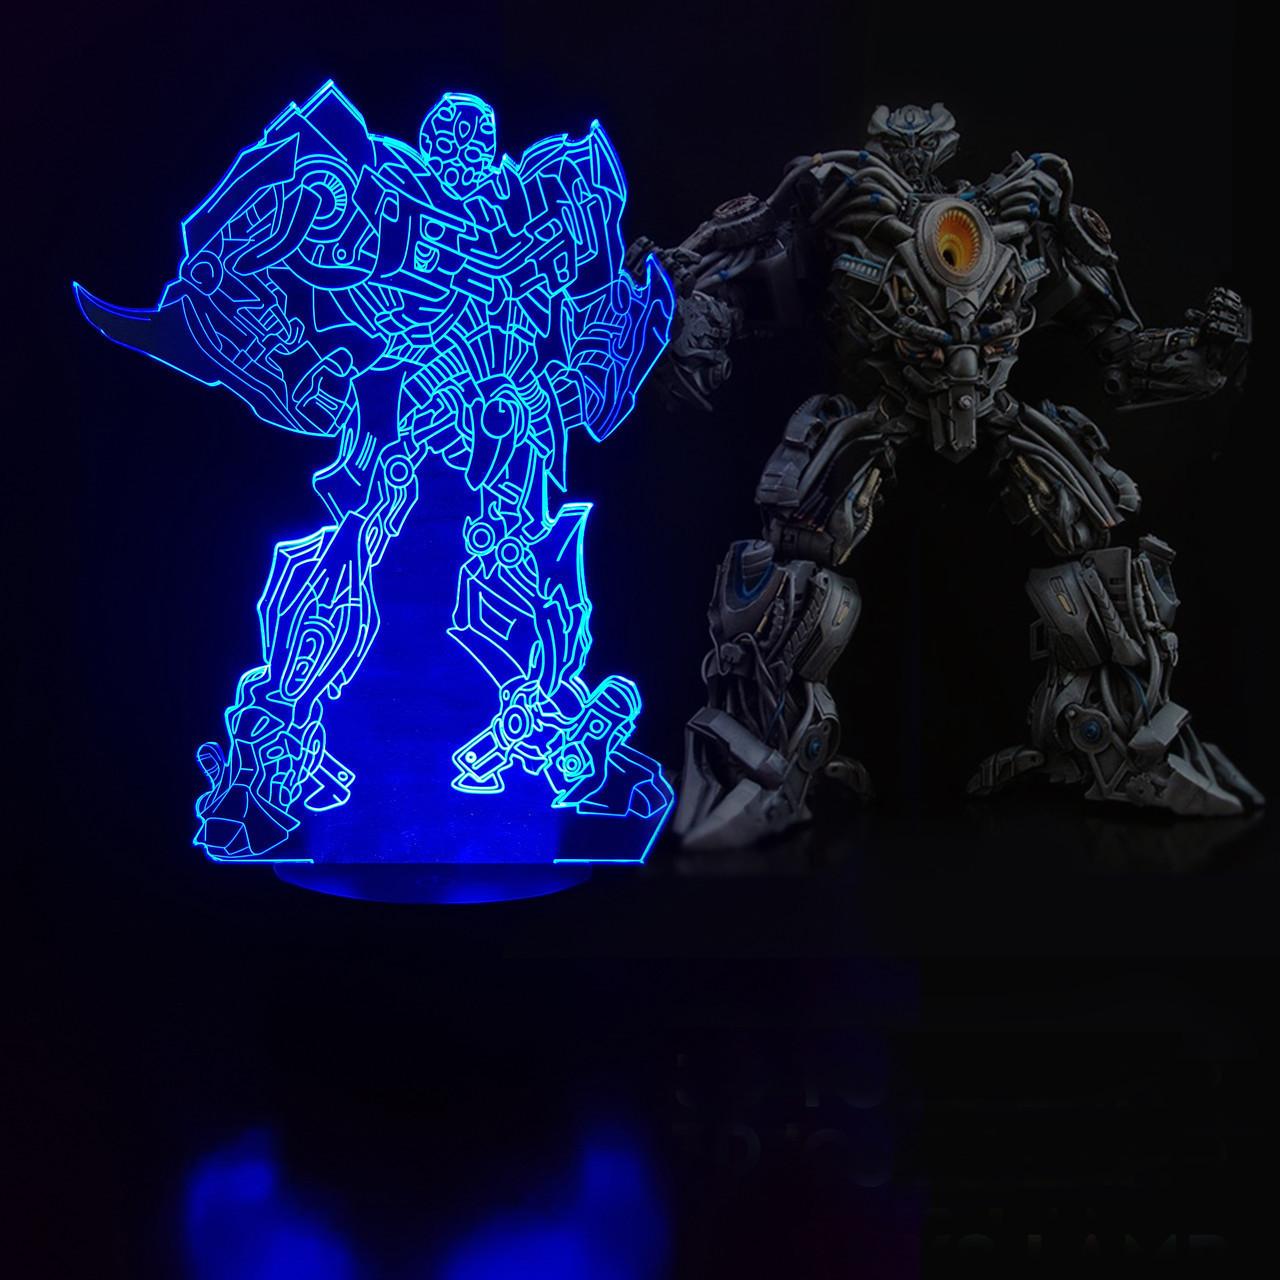 """Сменная пластина для 3D светильников """"Трансформер 2"""" 3DTOYSLAMP, фото 1"""